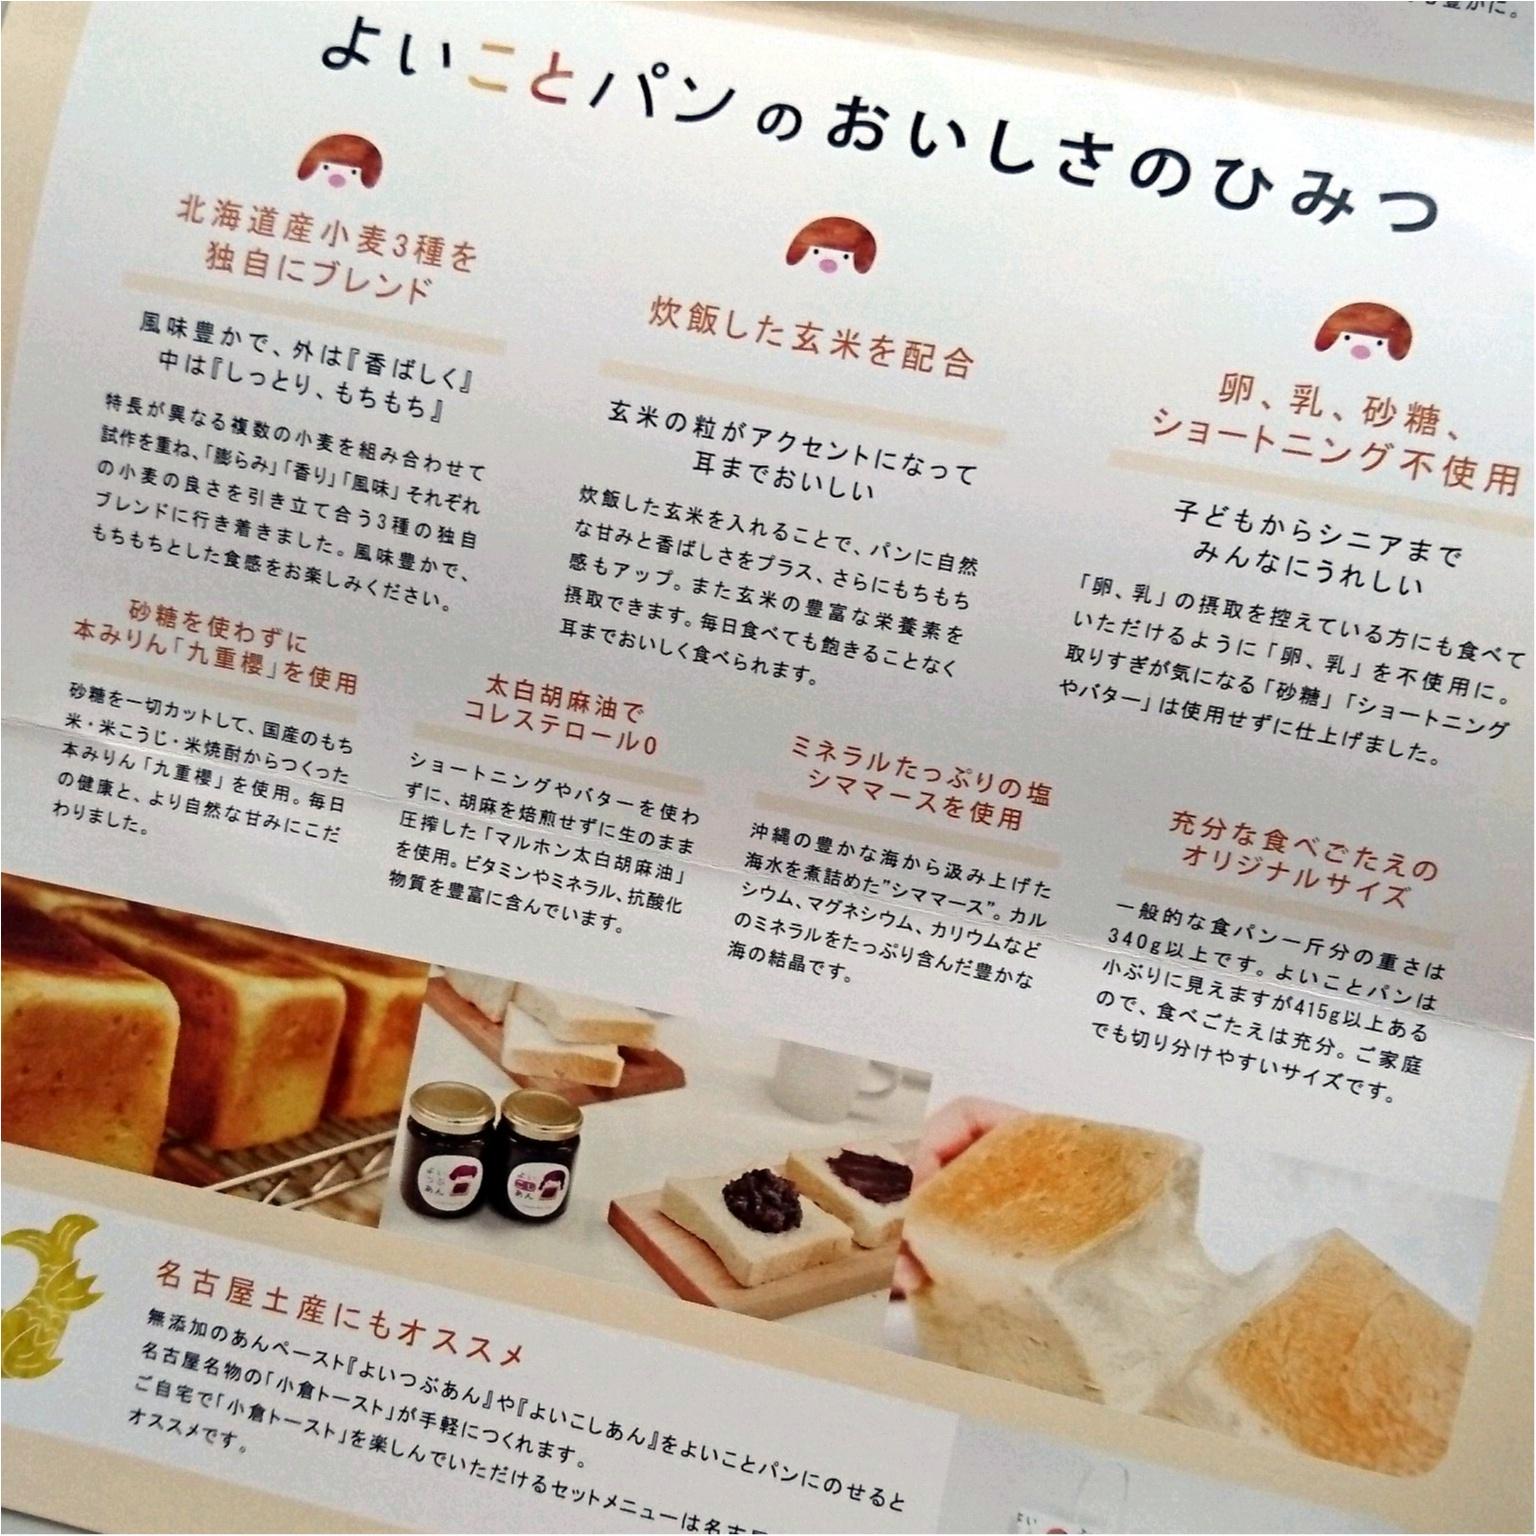 【名古屋土産】体と心においしい!もっちりして美味しい″よいこと″パン♡ _2